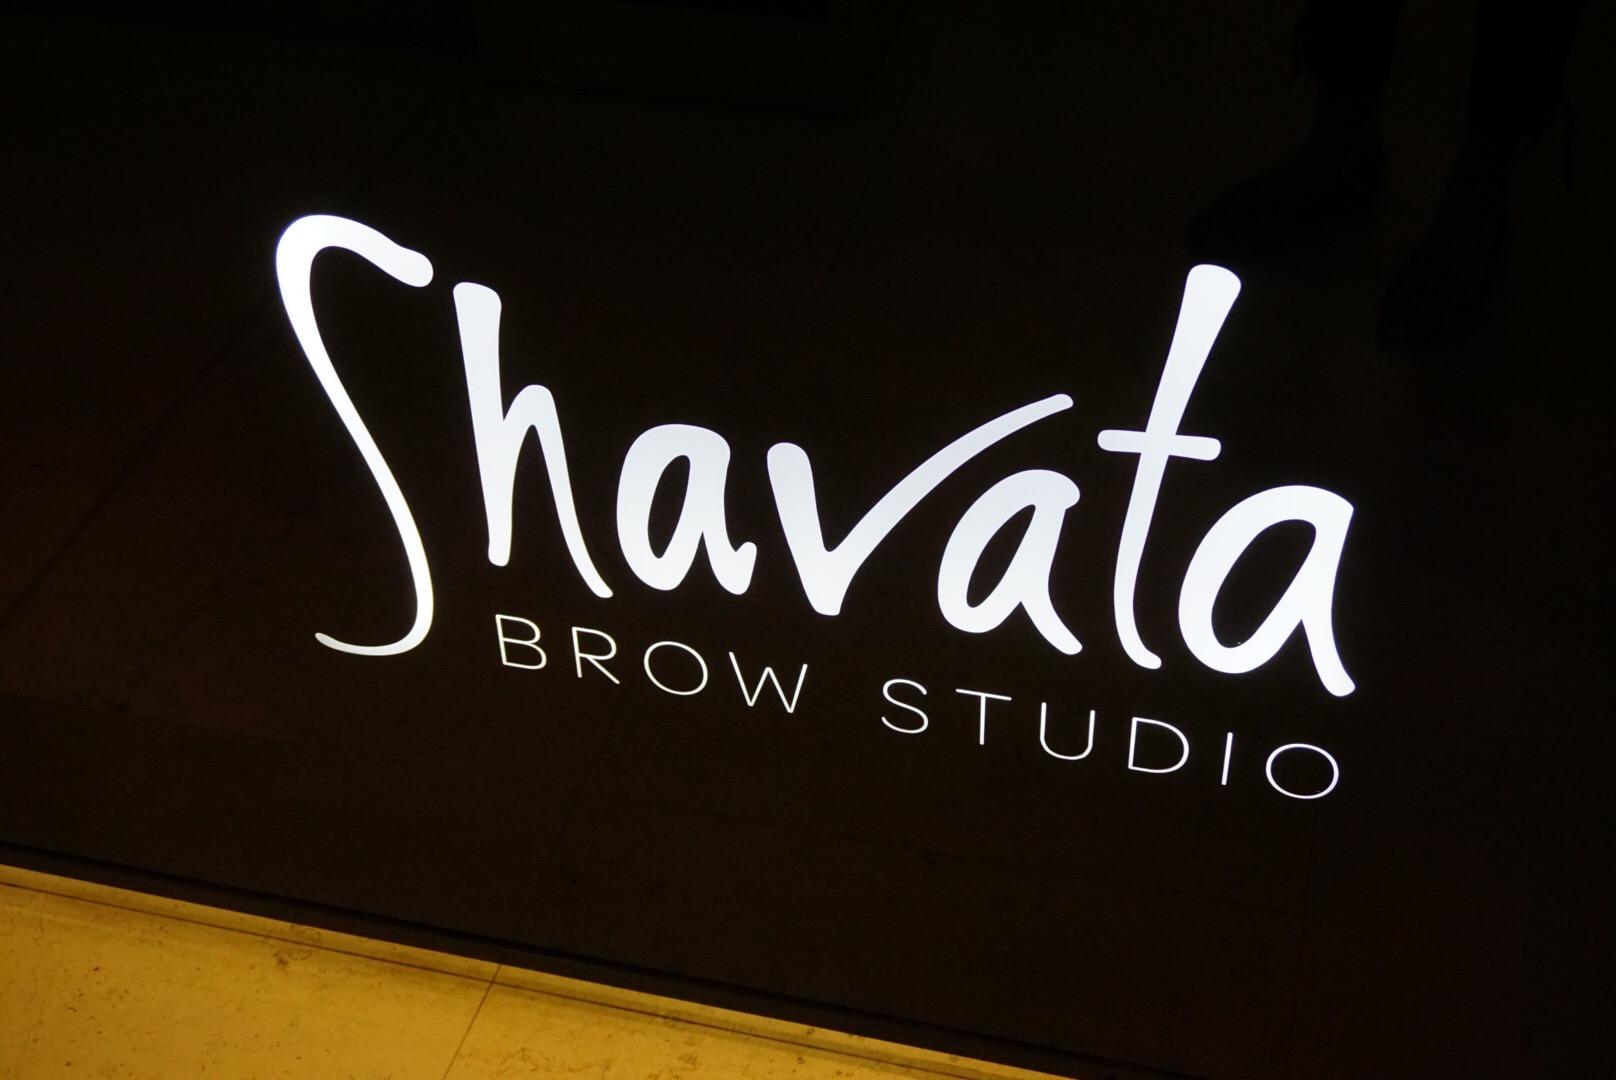 Shavata